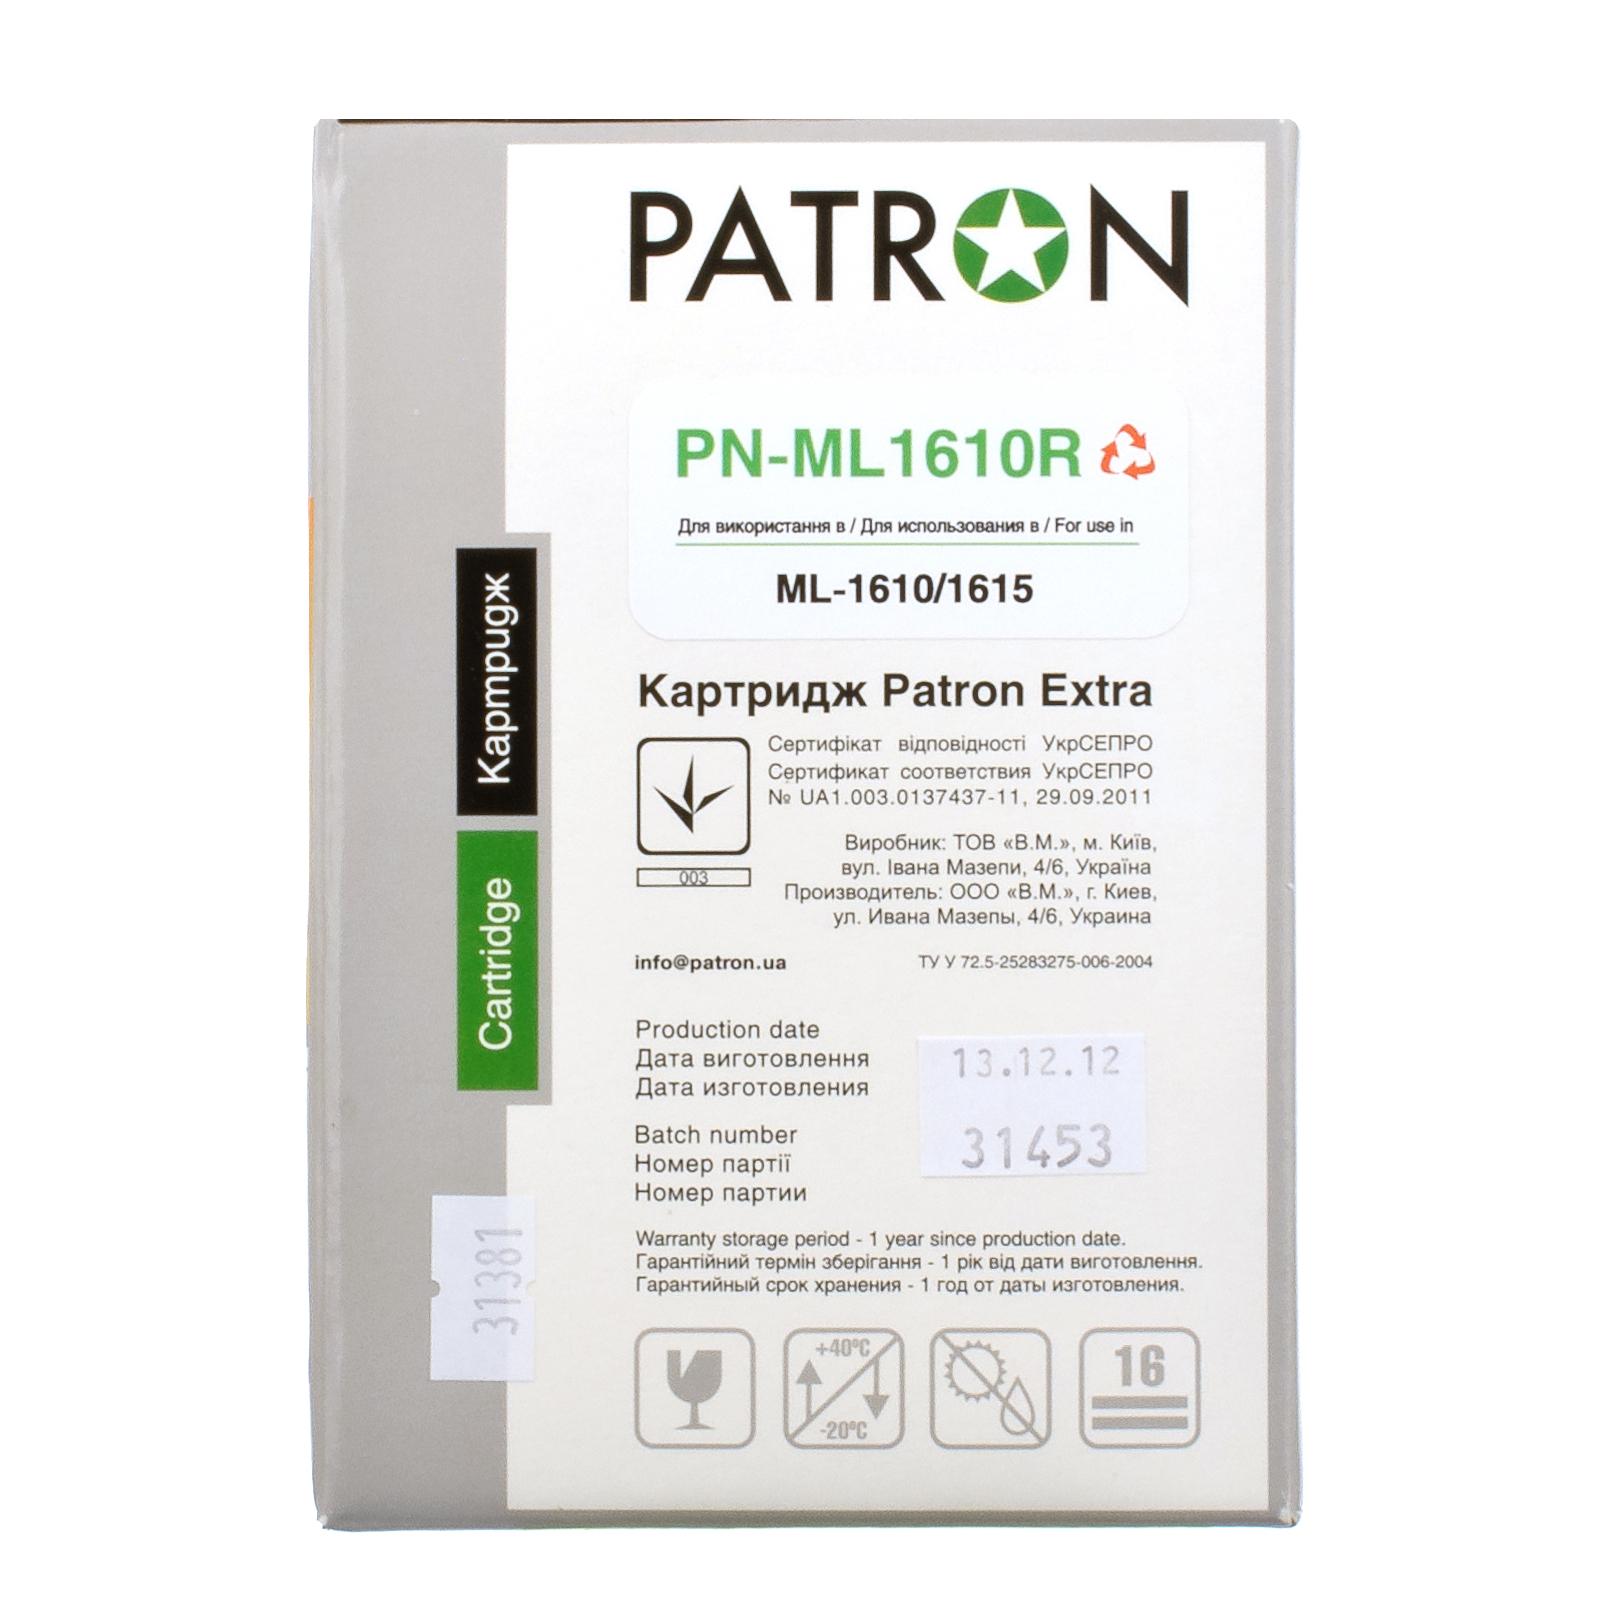 Картридж PATRON SAMSUNG ML-1610D2 Extra (PN-ML1610R) изображение 5